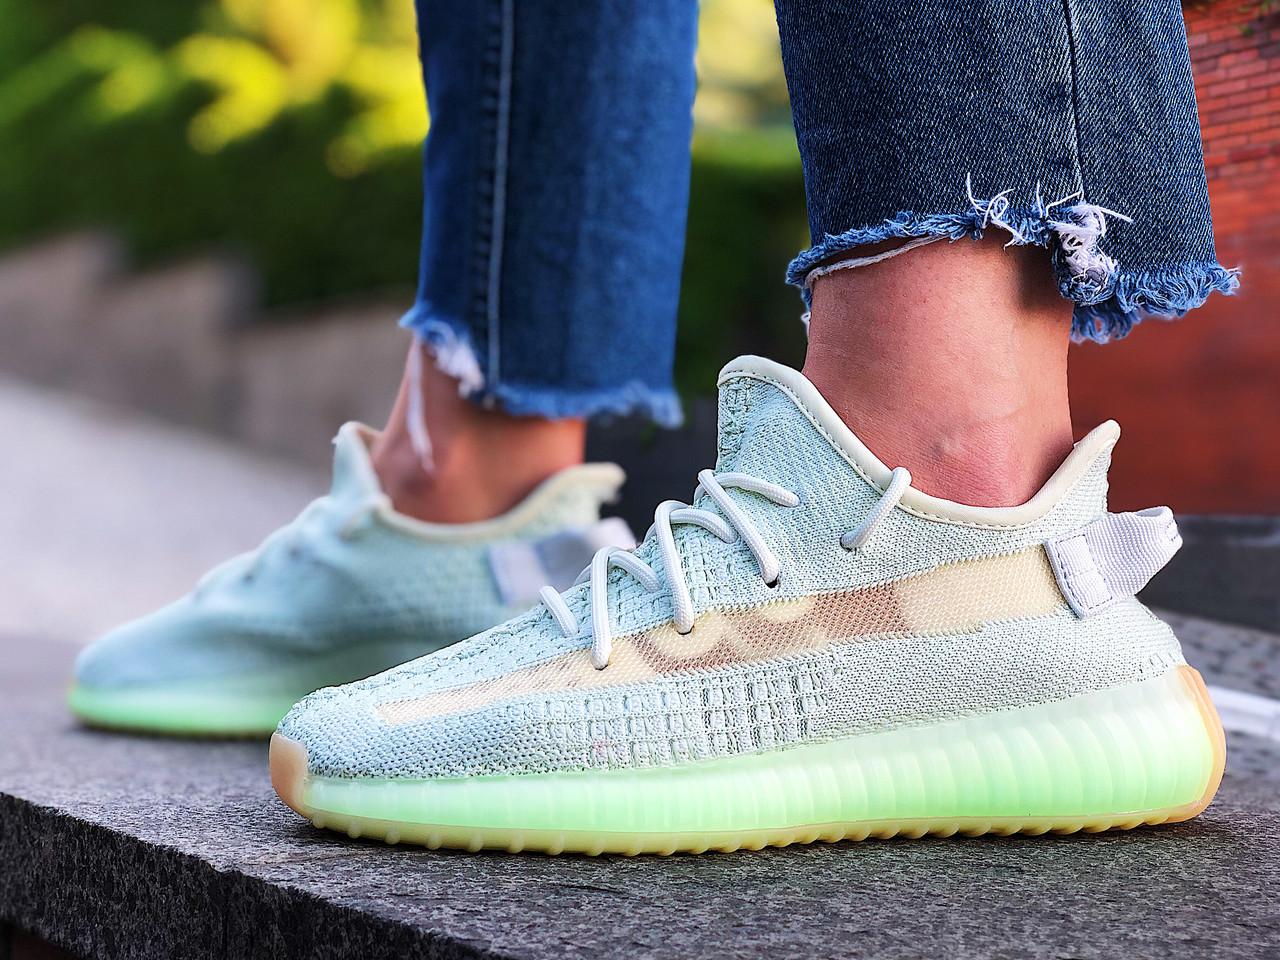 Кроссовки женские Adidas Yeezy 350 Boost V2 (Размеры:39,41)